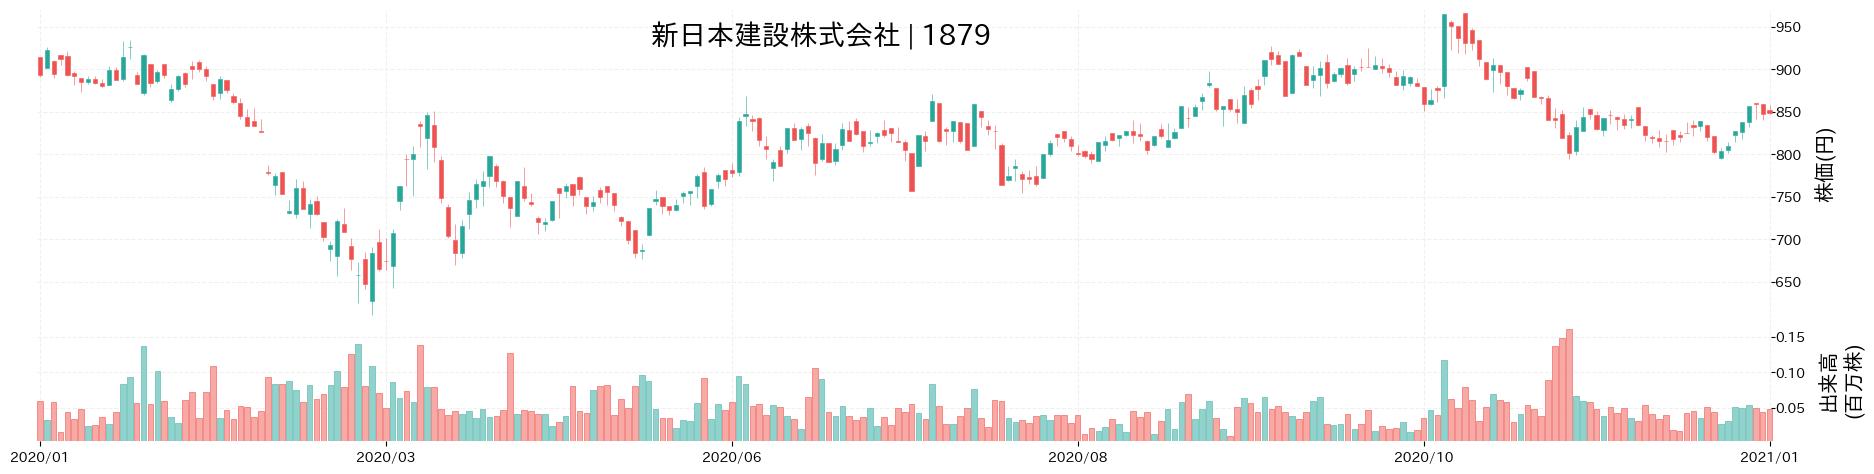 新日本建設株式会社の株価推移(2020)